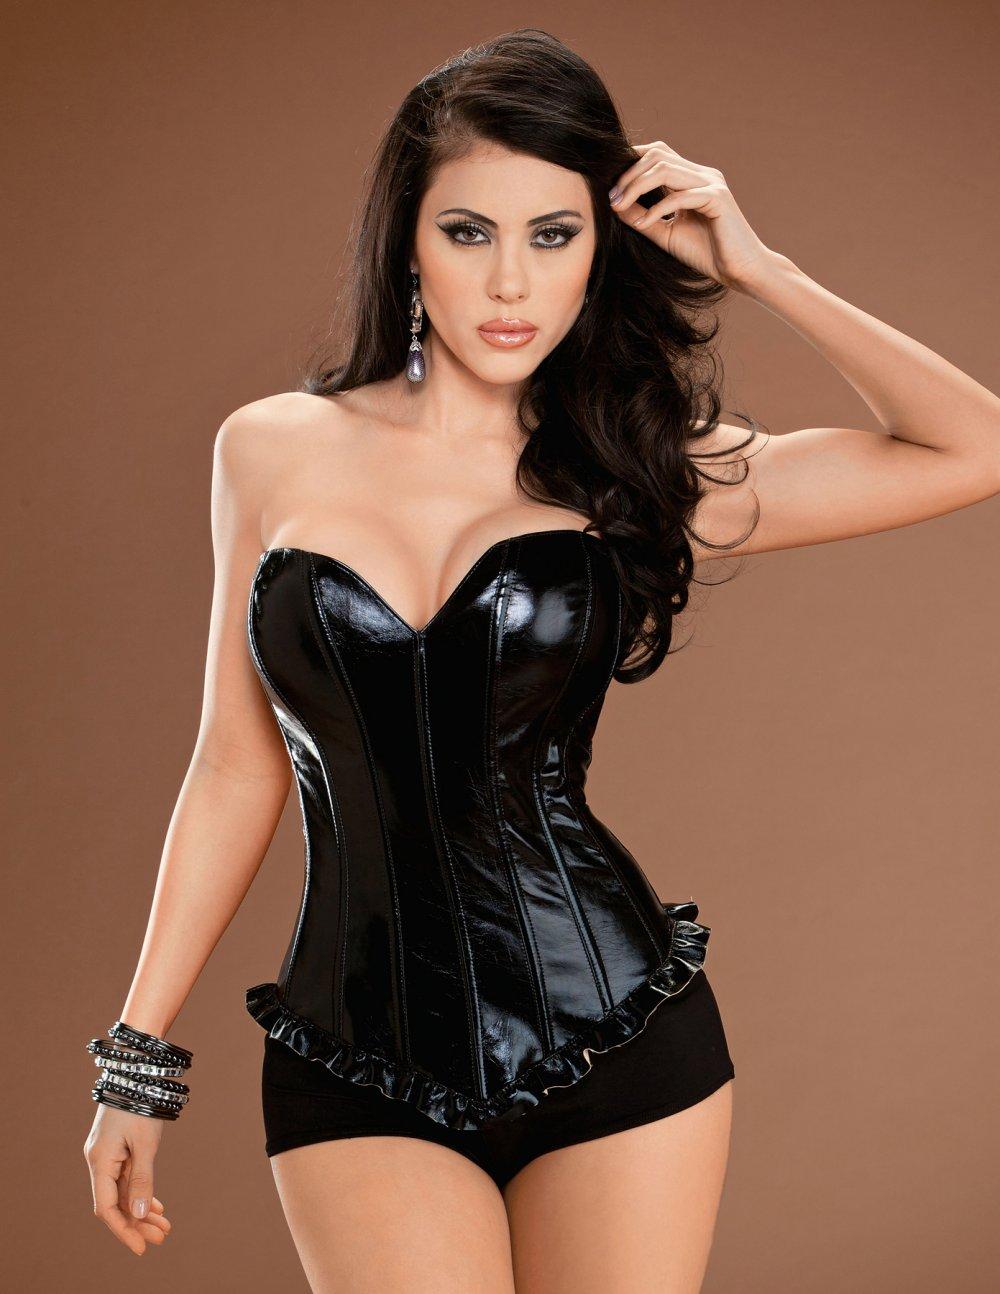 Černý korzet s nabíraným lemem 93031 32 černá Escanté